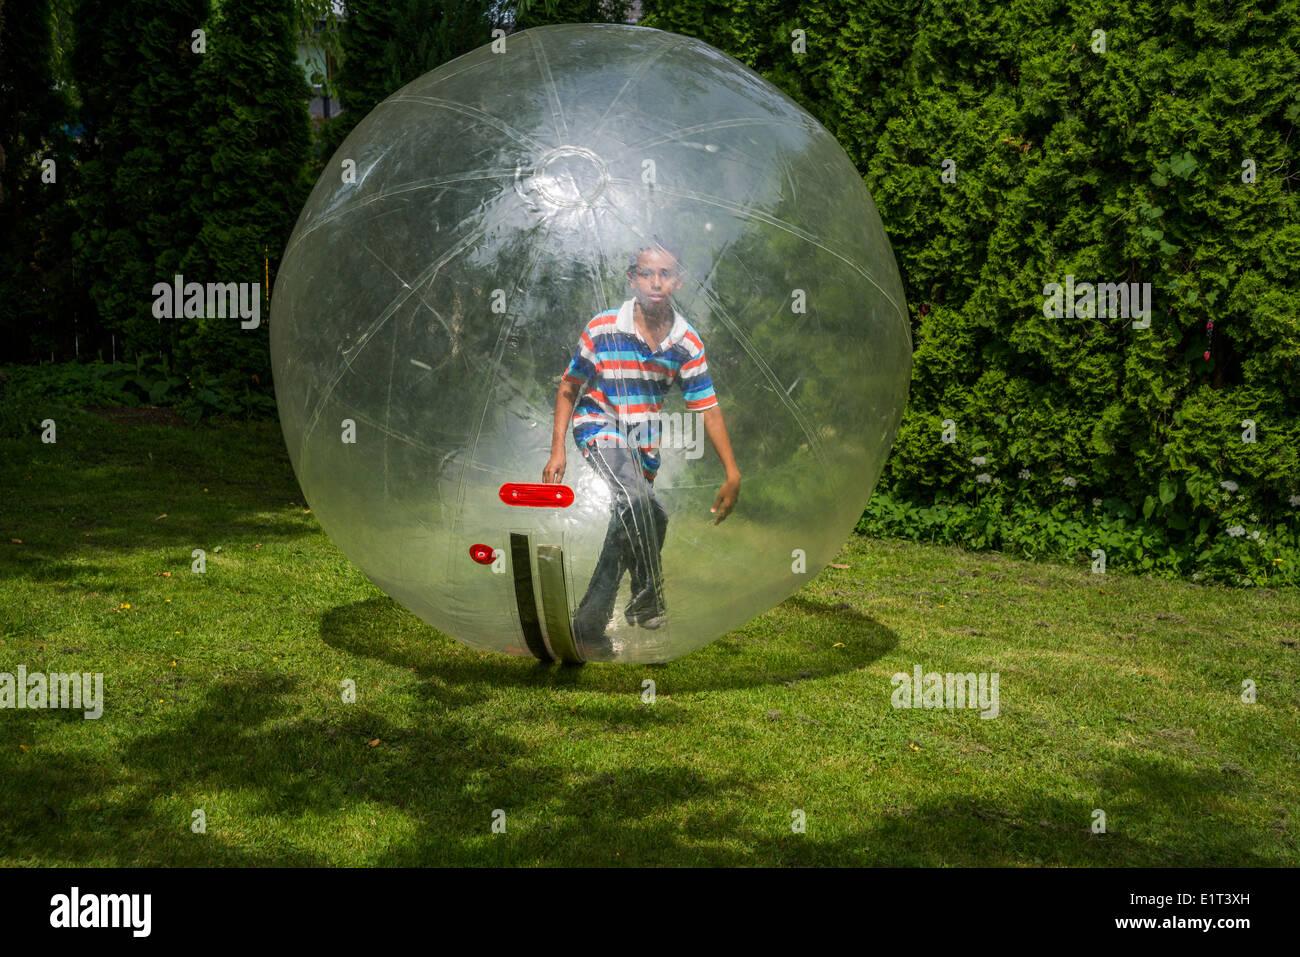 Ragazzo in una sfera di bolla. Immagini Stock